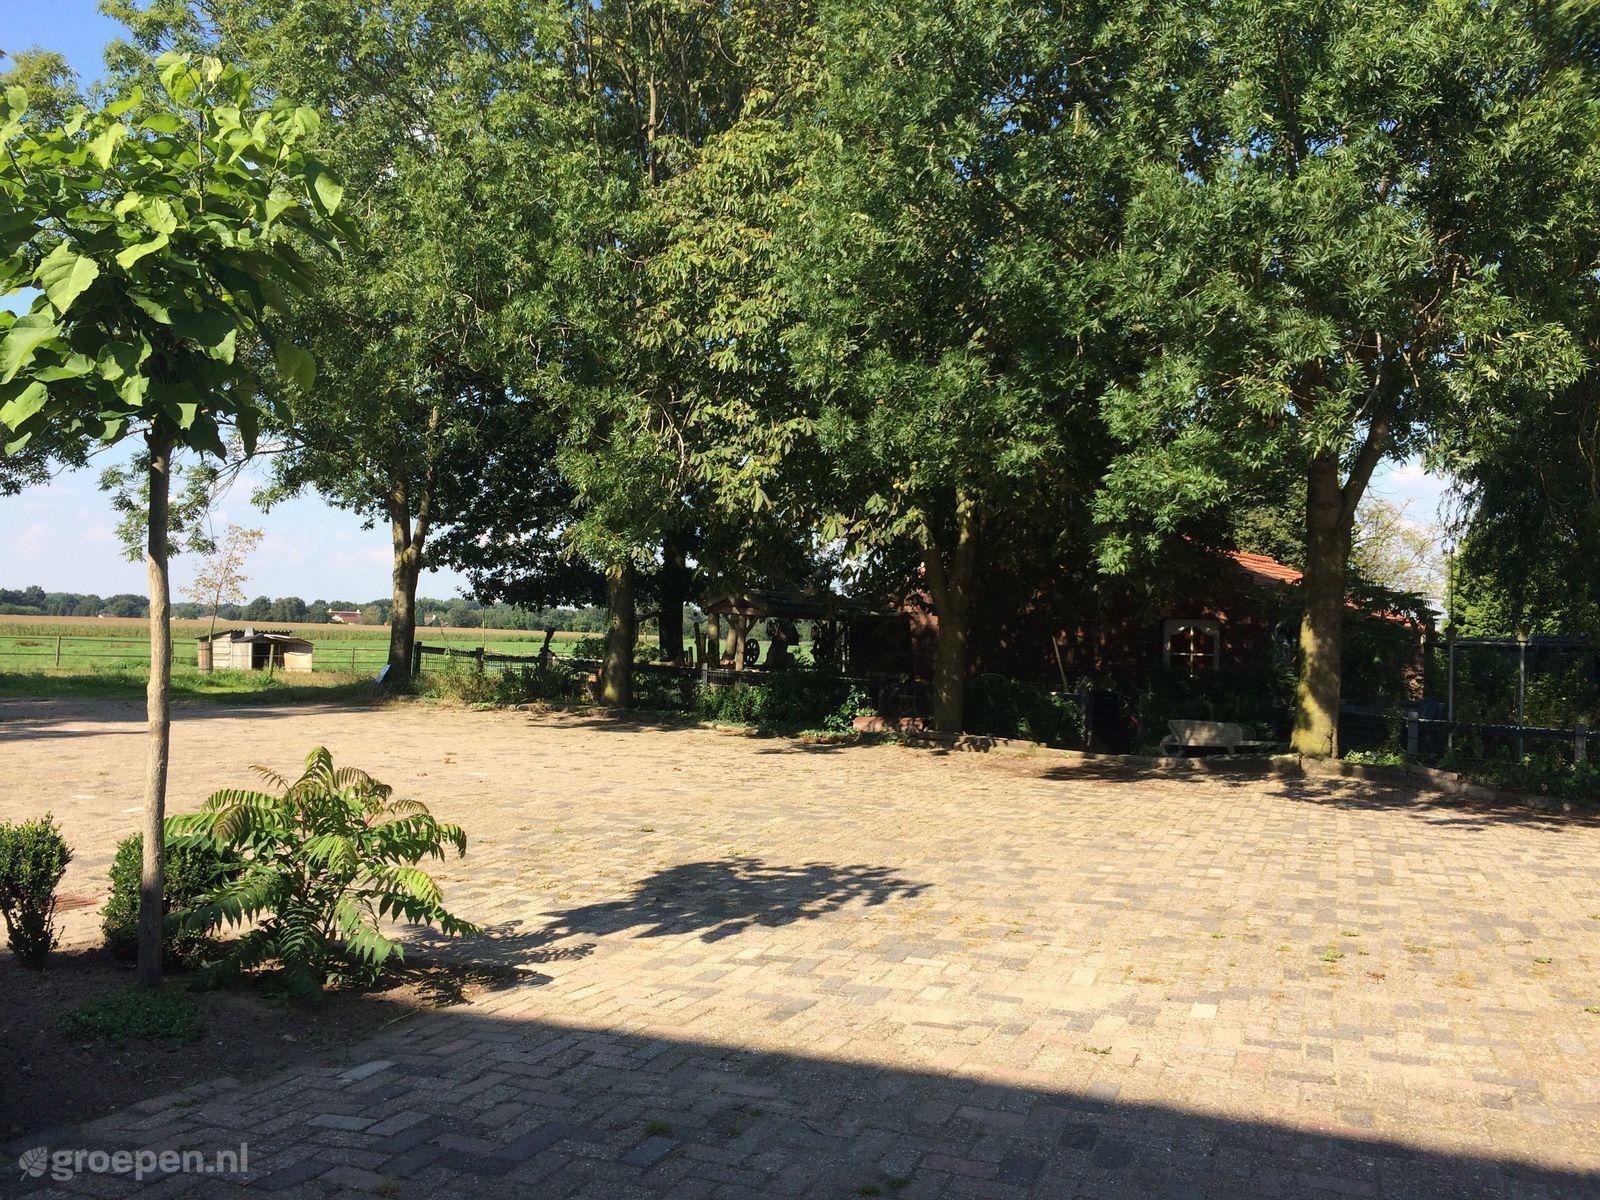 Vakantieboerderij Swolgen